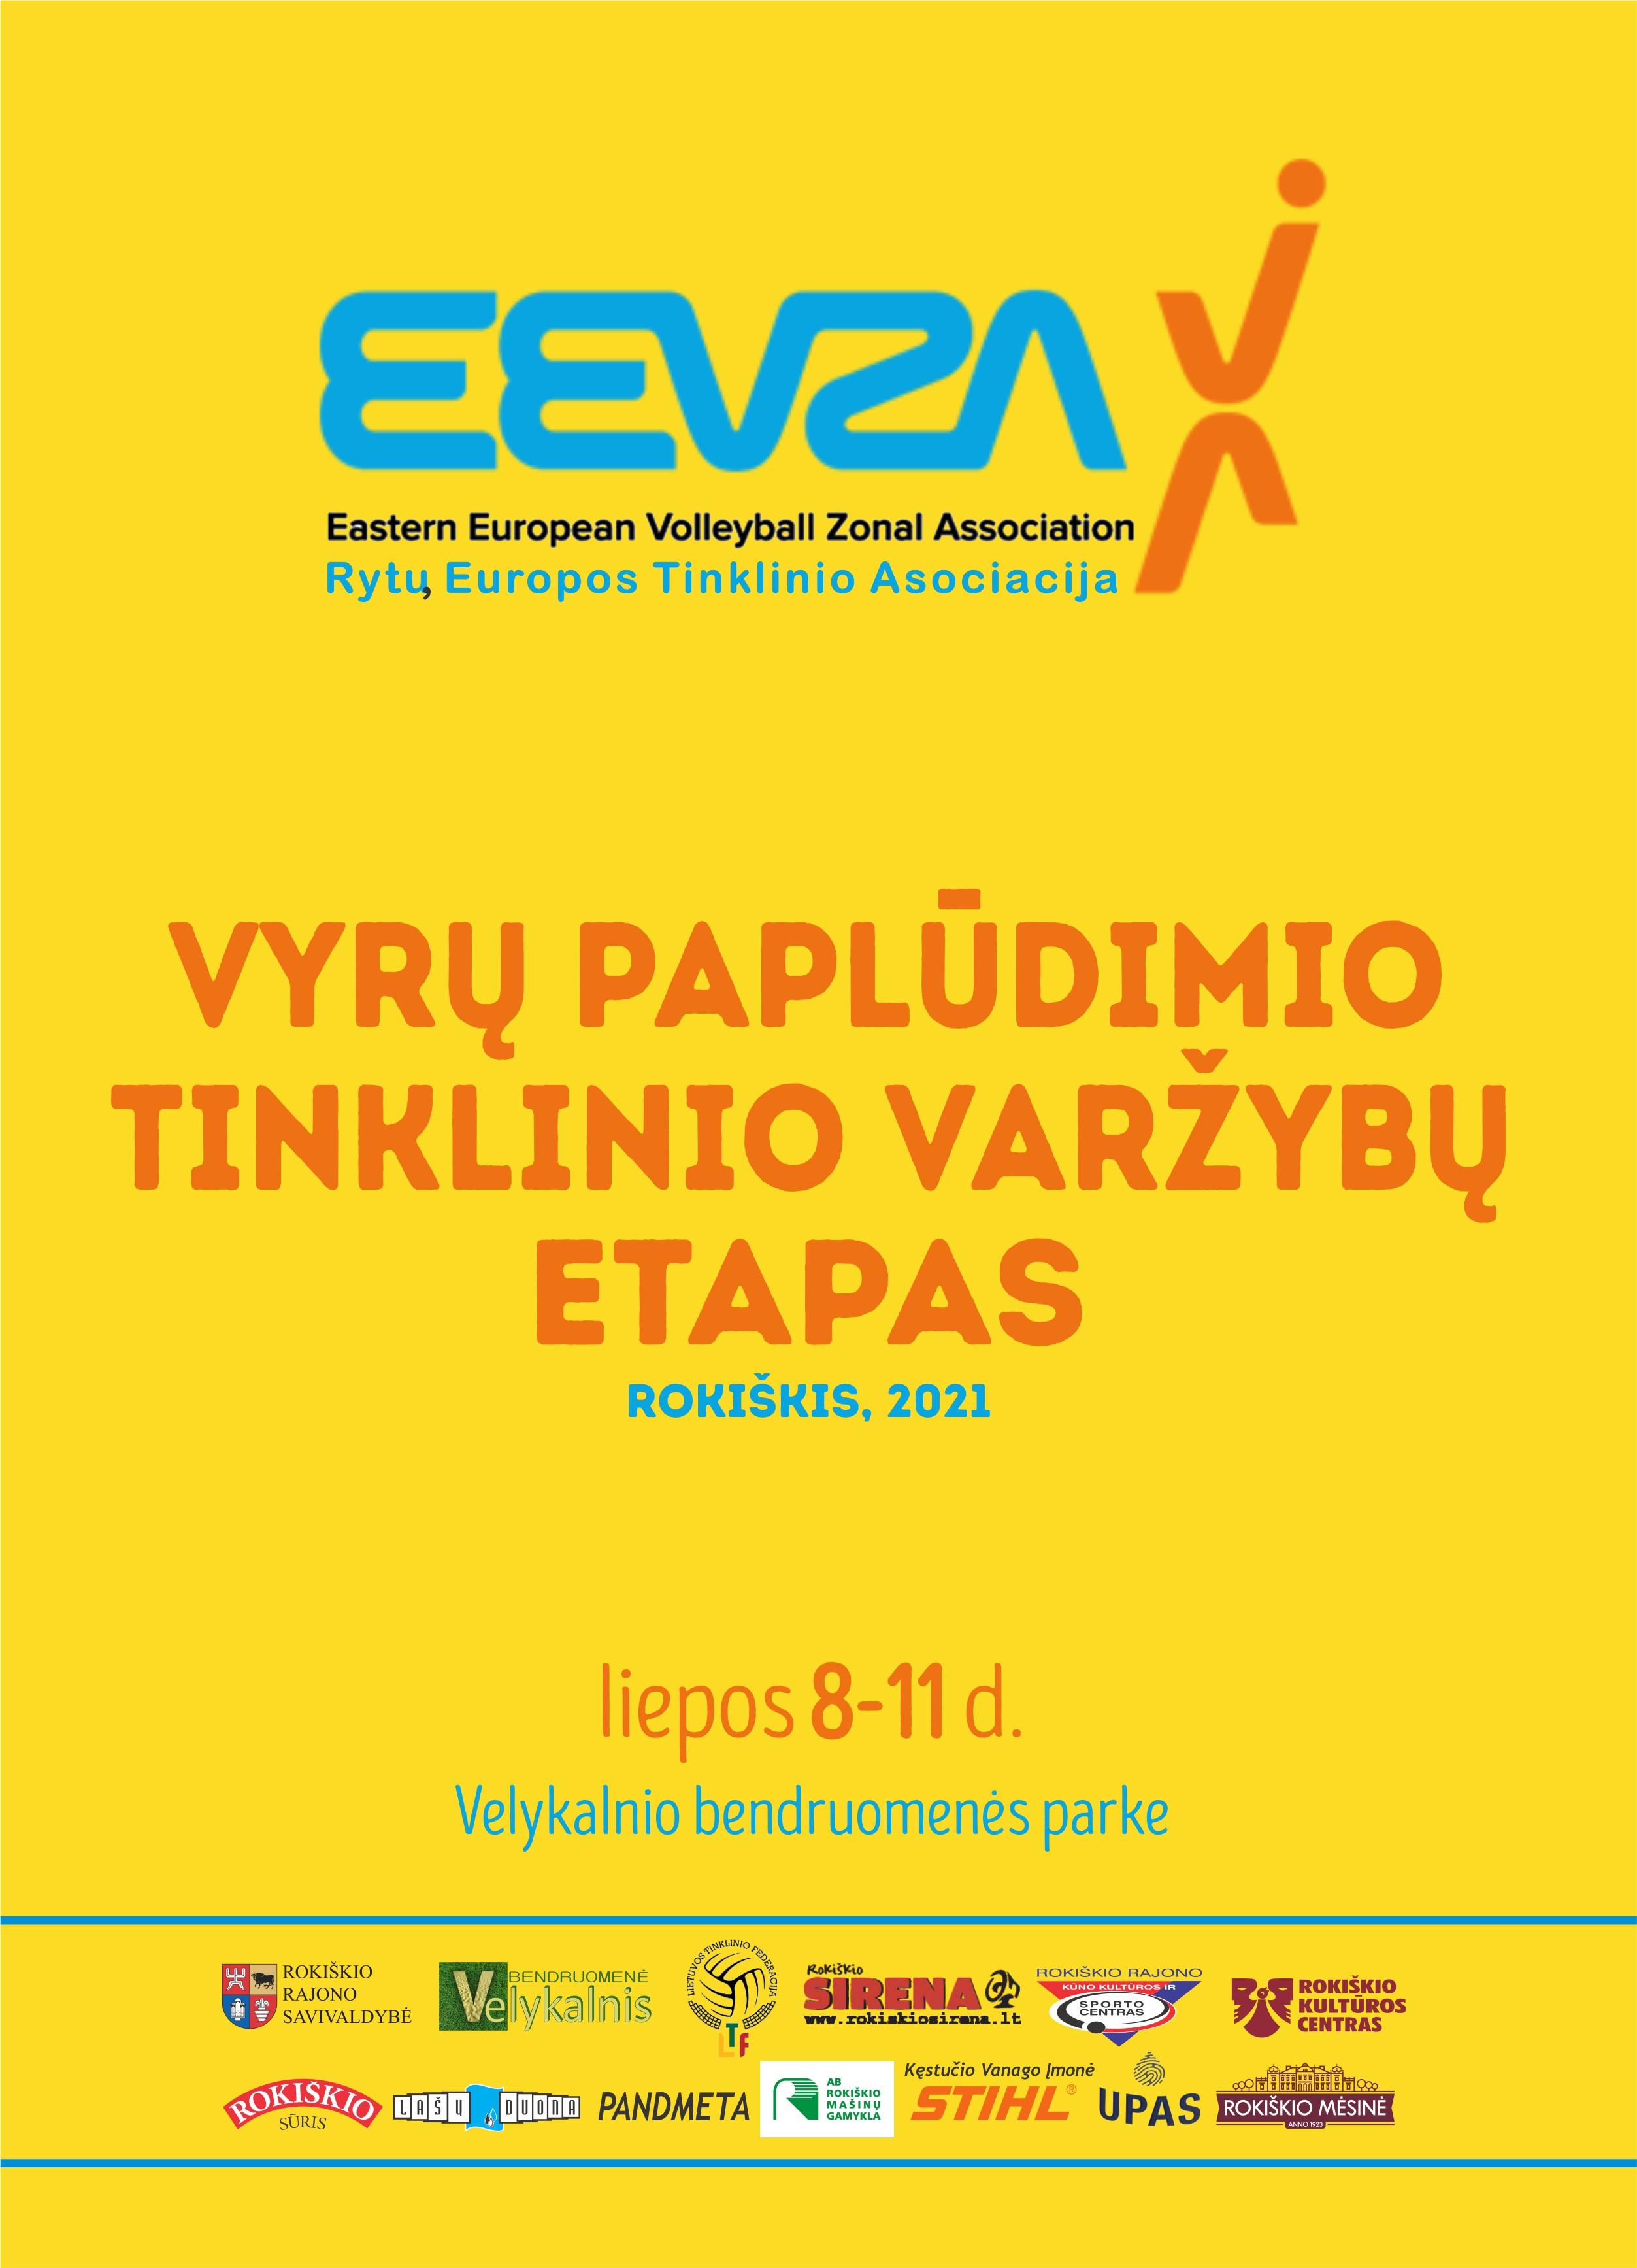 2021 EEVZA VYRŲ PAPLŪDIMIO TINKLINIO ČEMPIONATO ETAPAS, ROKIŠKIS